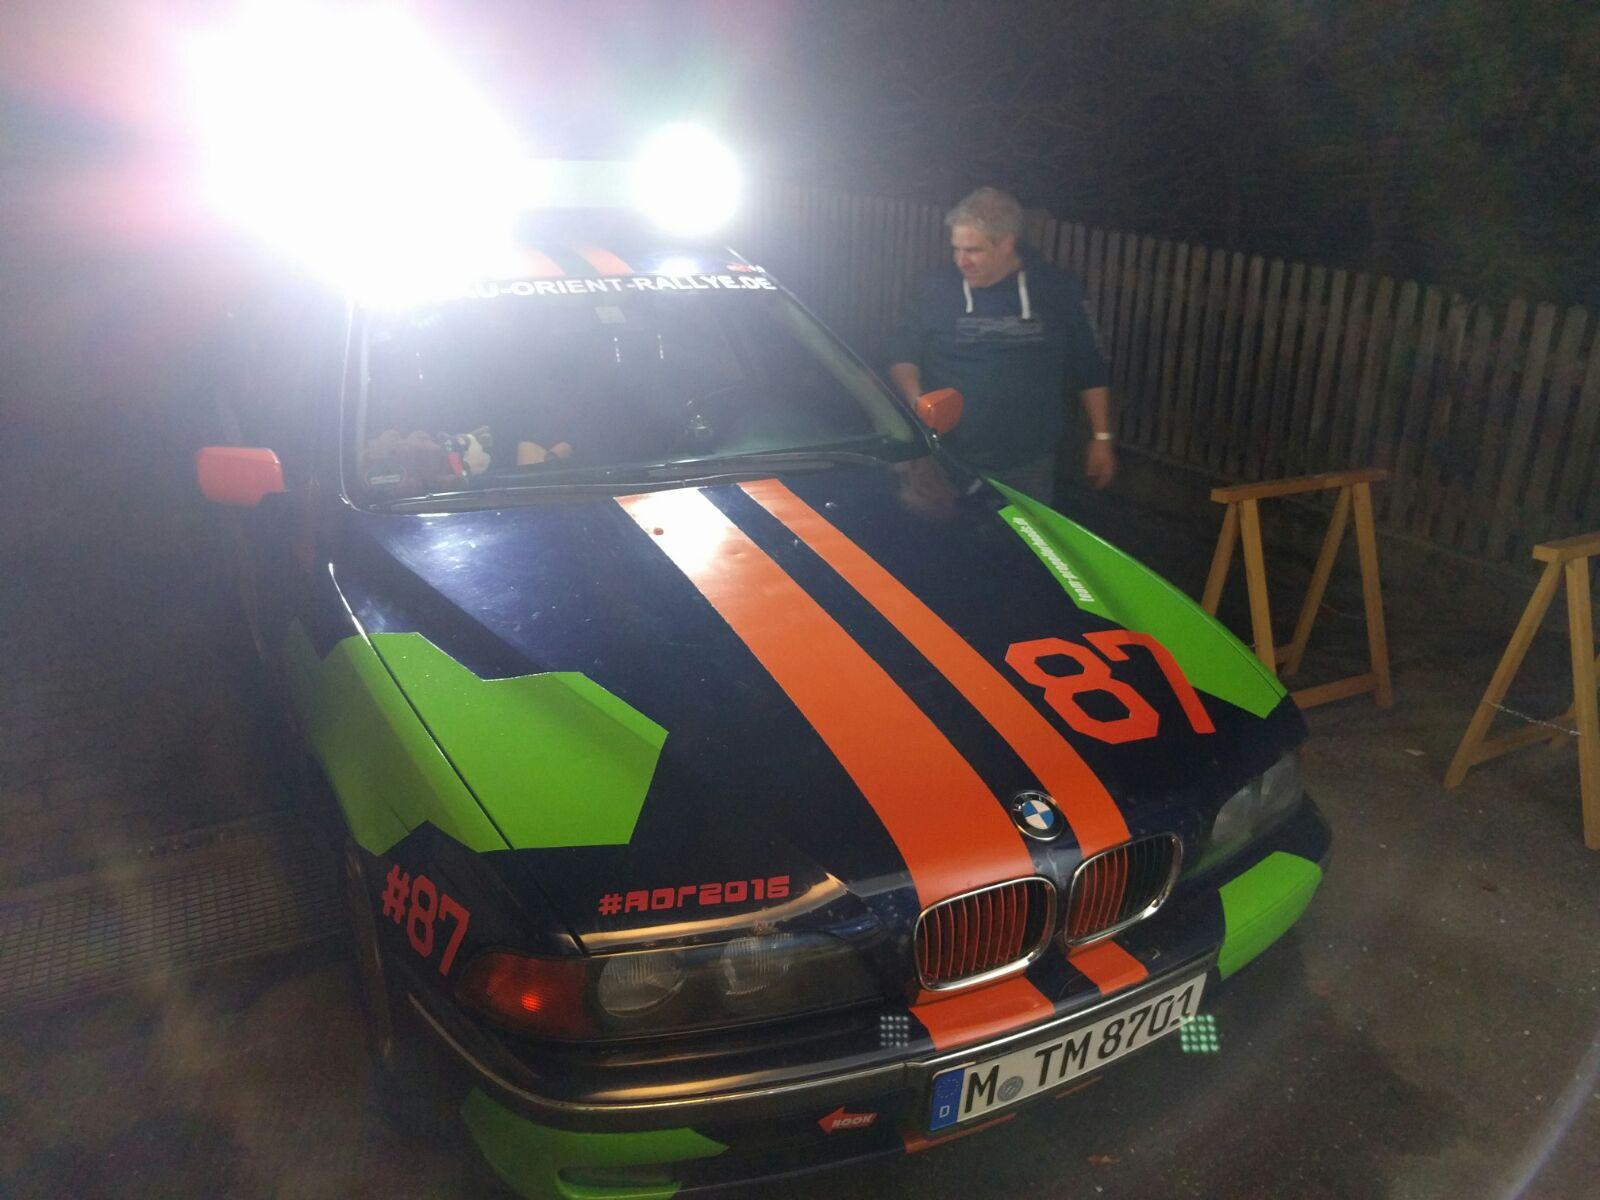 Team Propellerheads 87 Thomas Ebert Manfred Schamper Rallye Auto Zusatzscheinwerfer